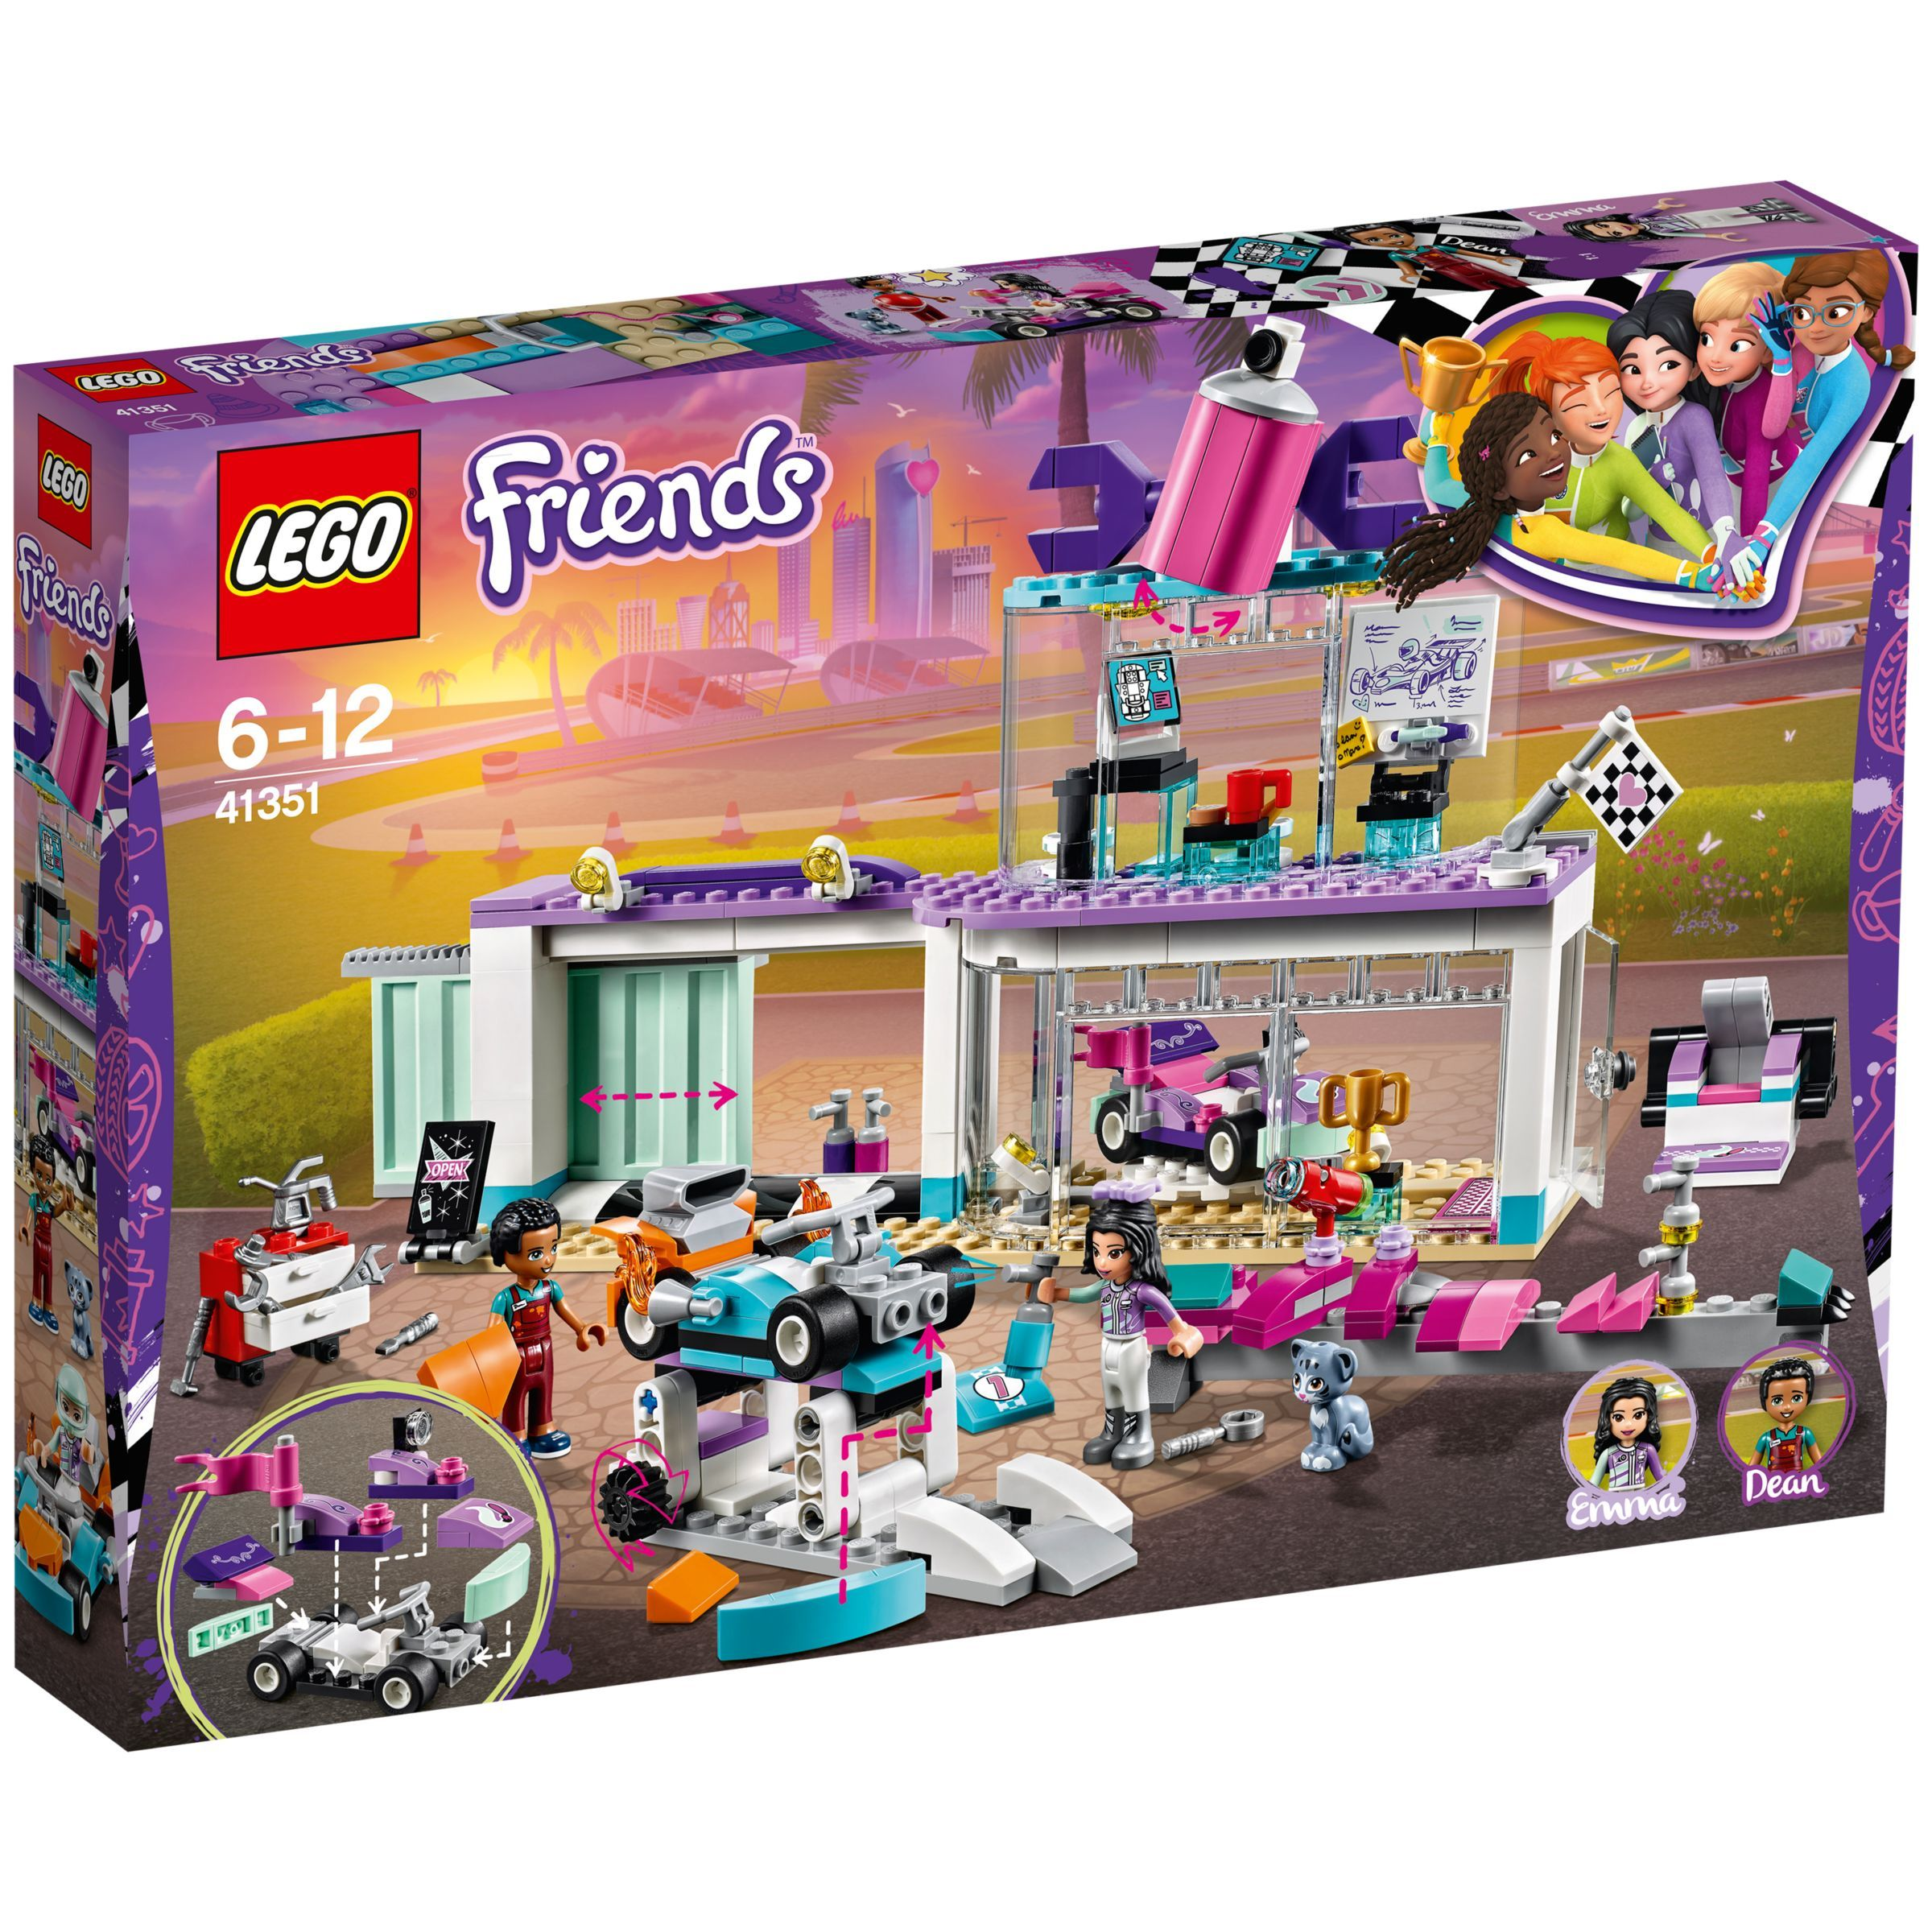 LEGO Friends 41351 Creative Tuning Shop | Lego friends, Lego, Creative